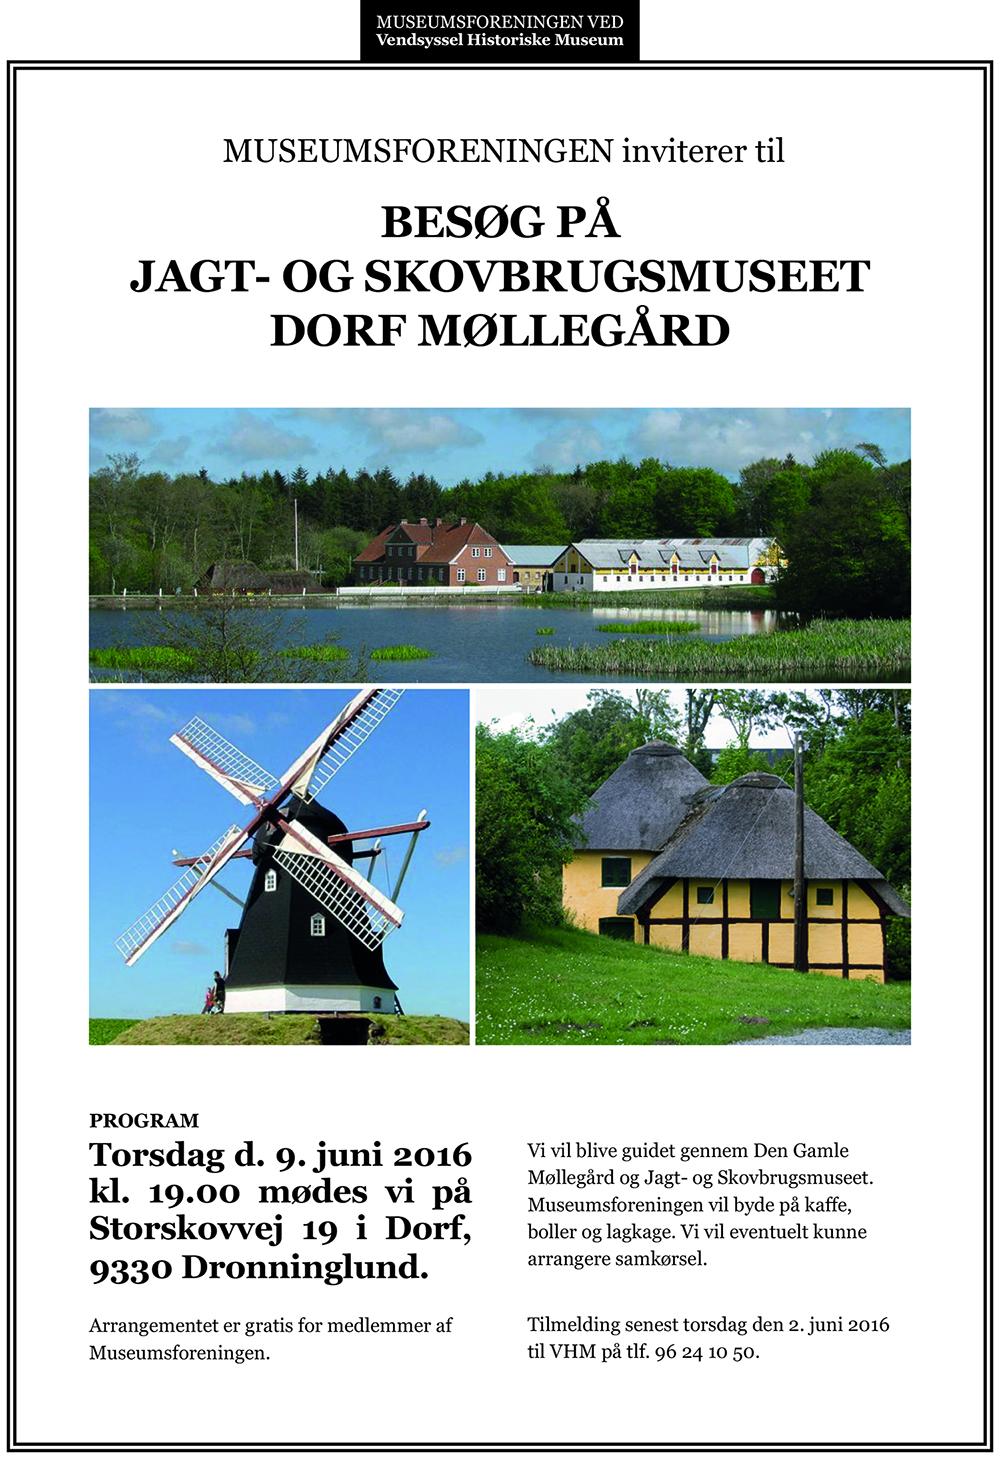 Invitation til Dorf Møllegård - Museumsforeningen